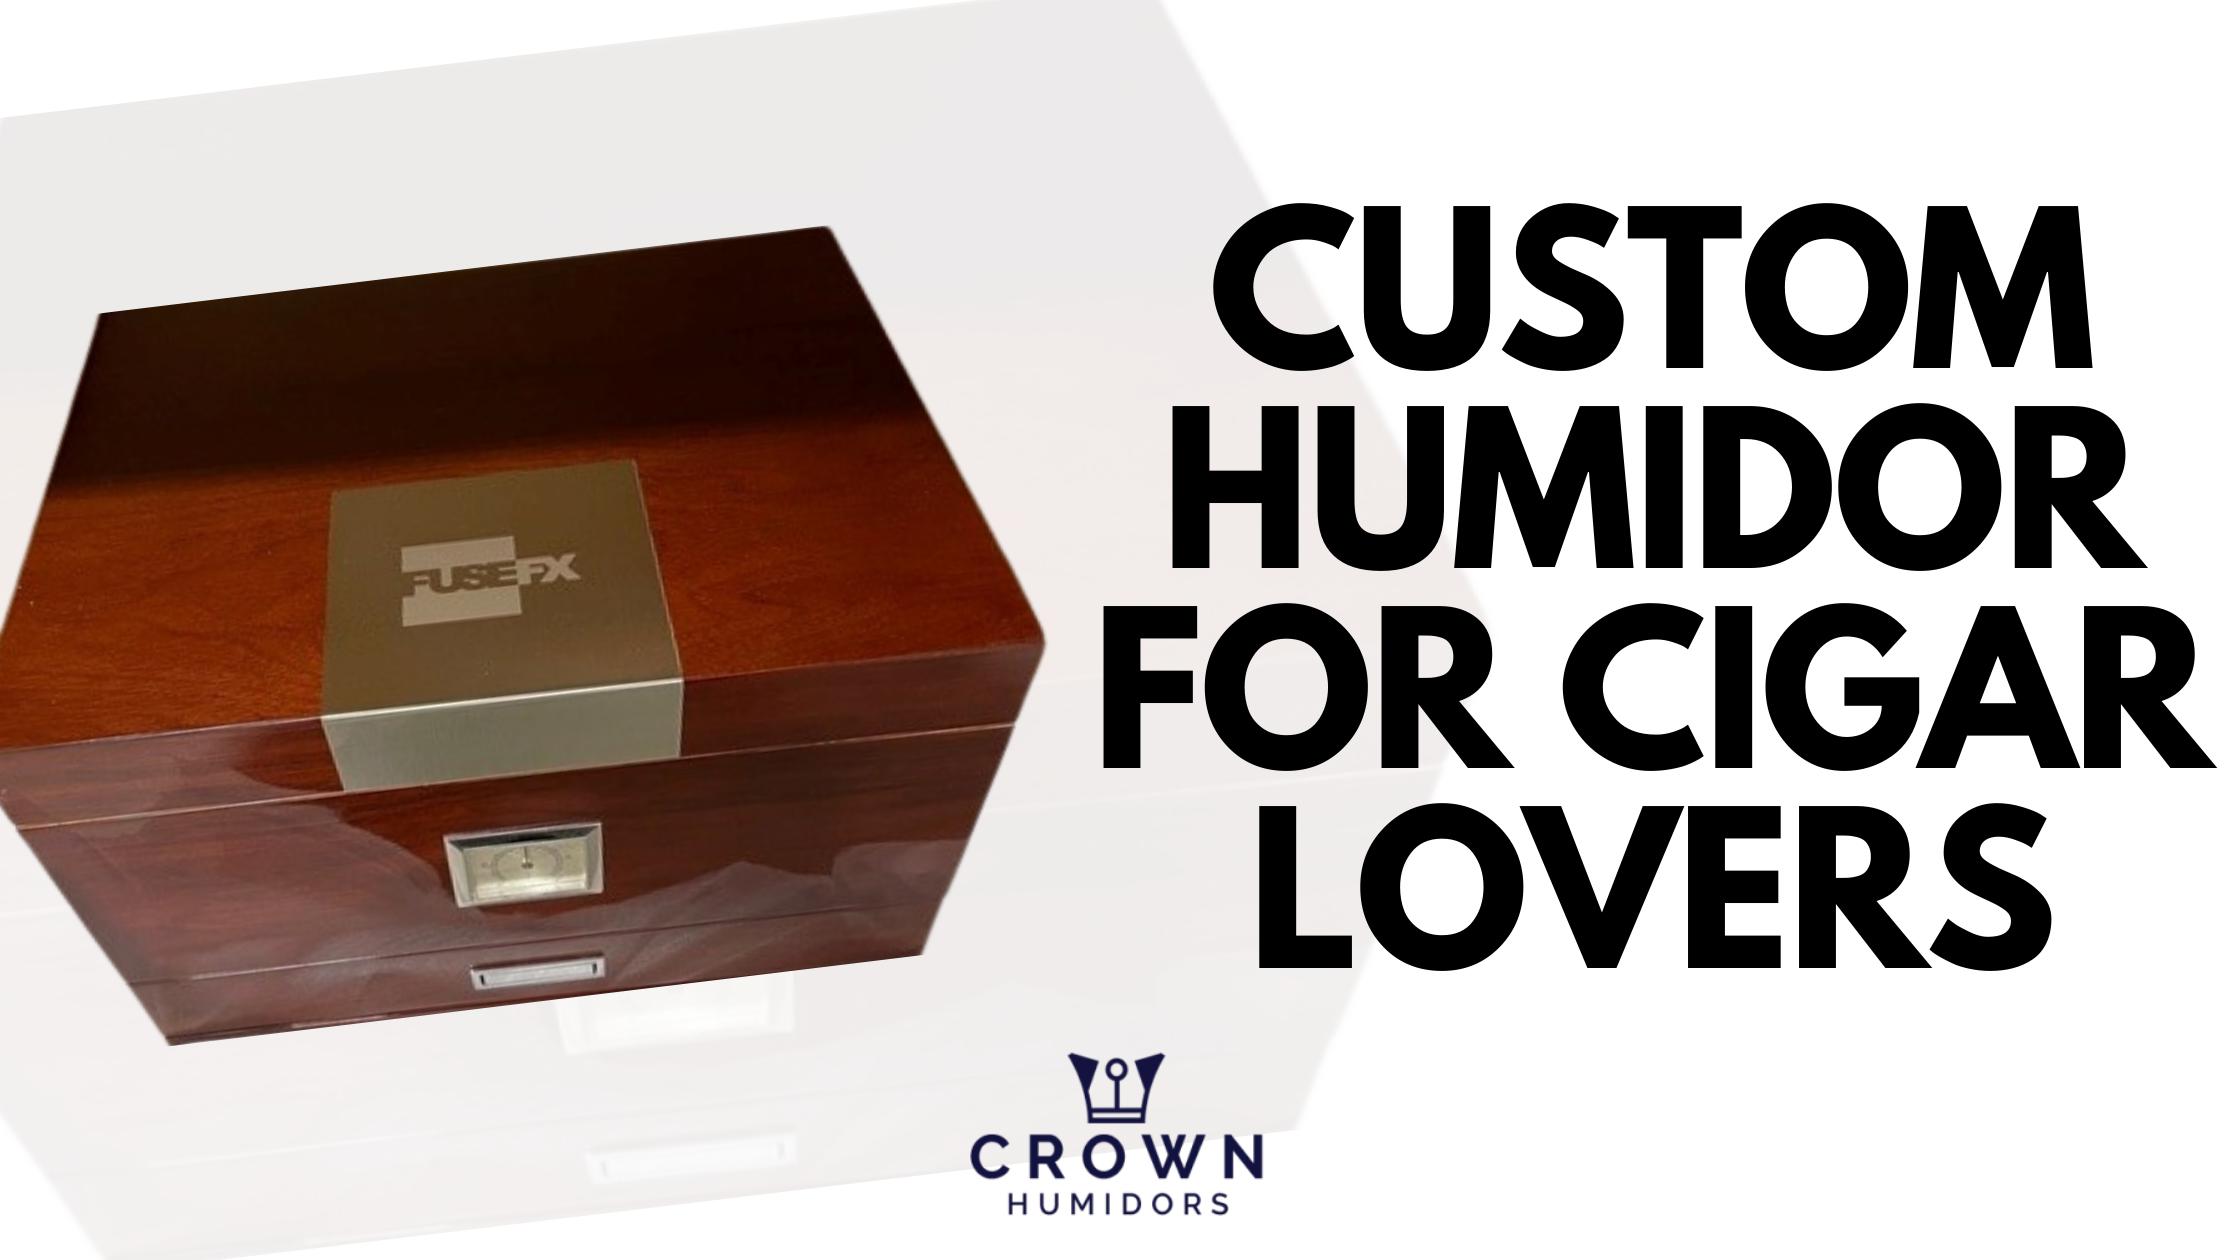 Humidor Custom for Cigar Lover